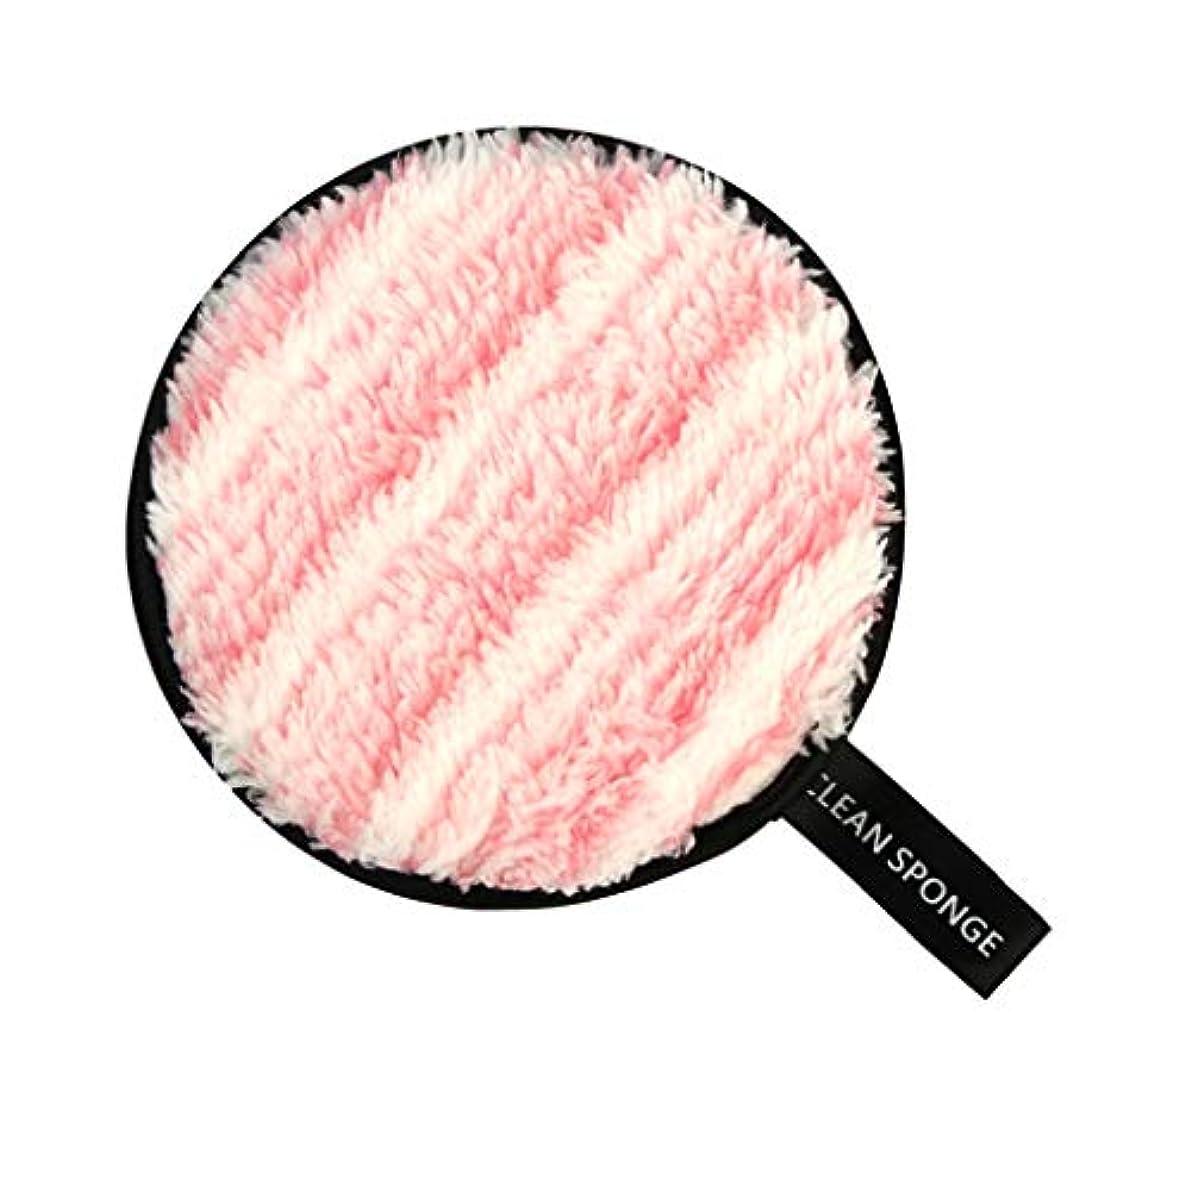 報復機知に富んだペンスフェイススポンジ メイク落としスポンジ 洗顔パッド 再利用可能 クリーニングパフ 全6色 - ピンク